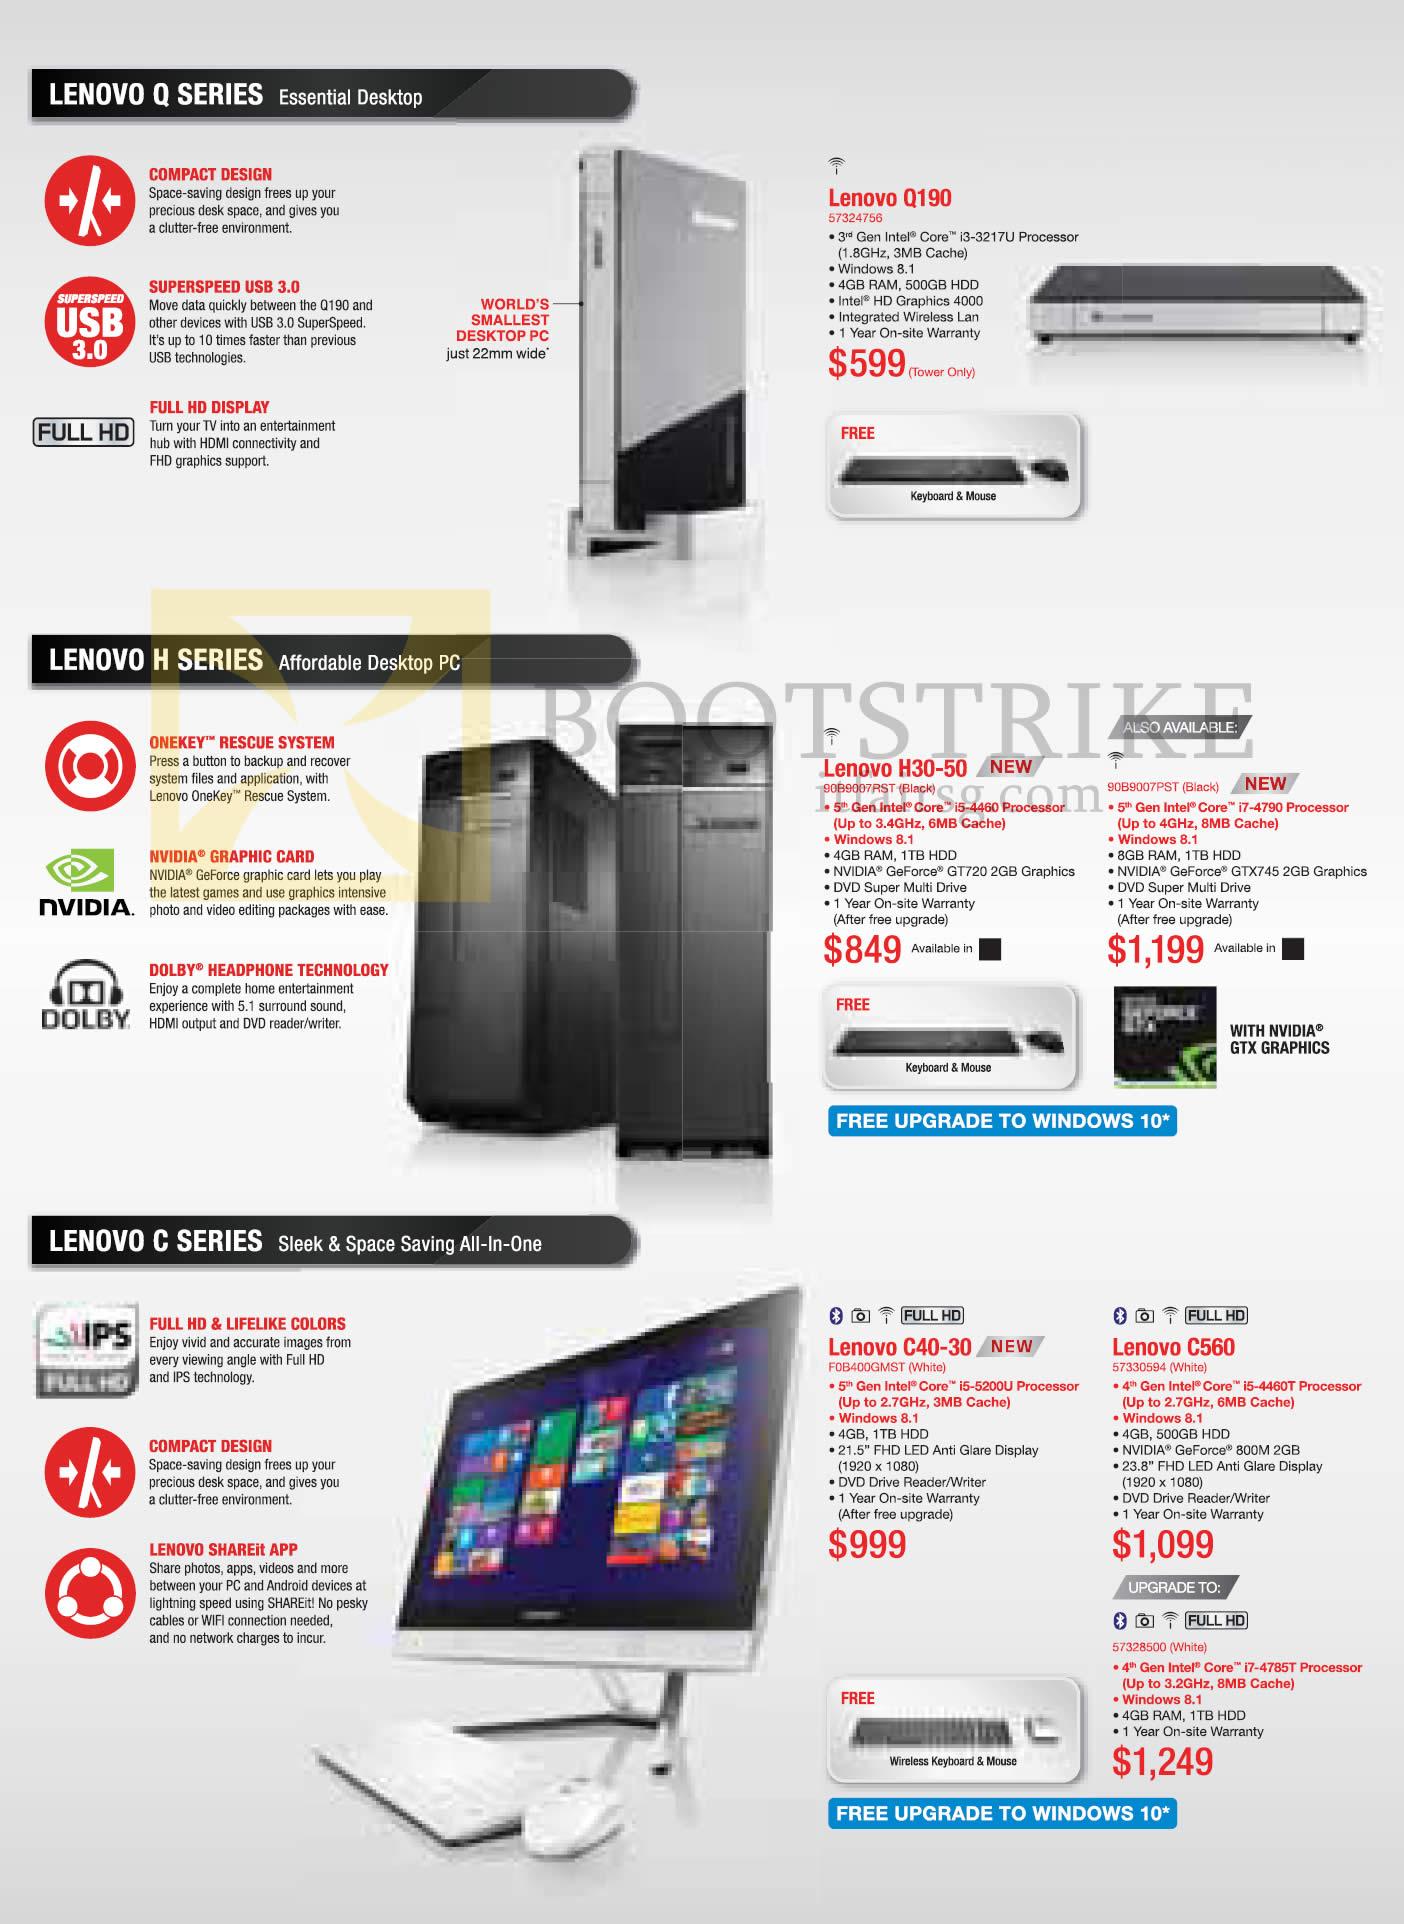 PC SHOW 2015 price list image brochure of Lenovo Desktop PCs Q190, H30-50, C40-30, C560